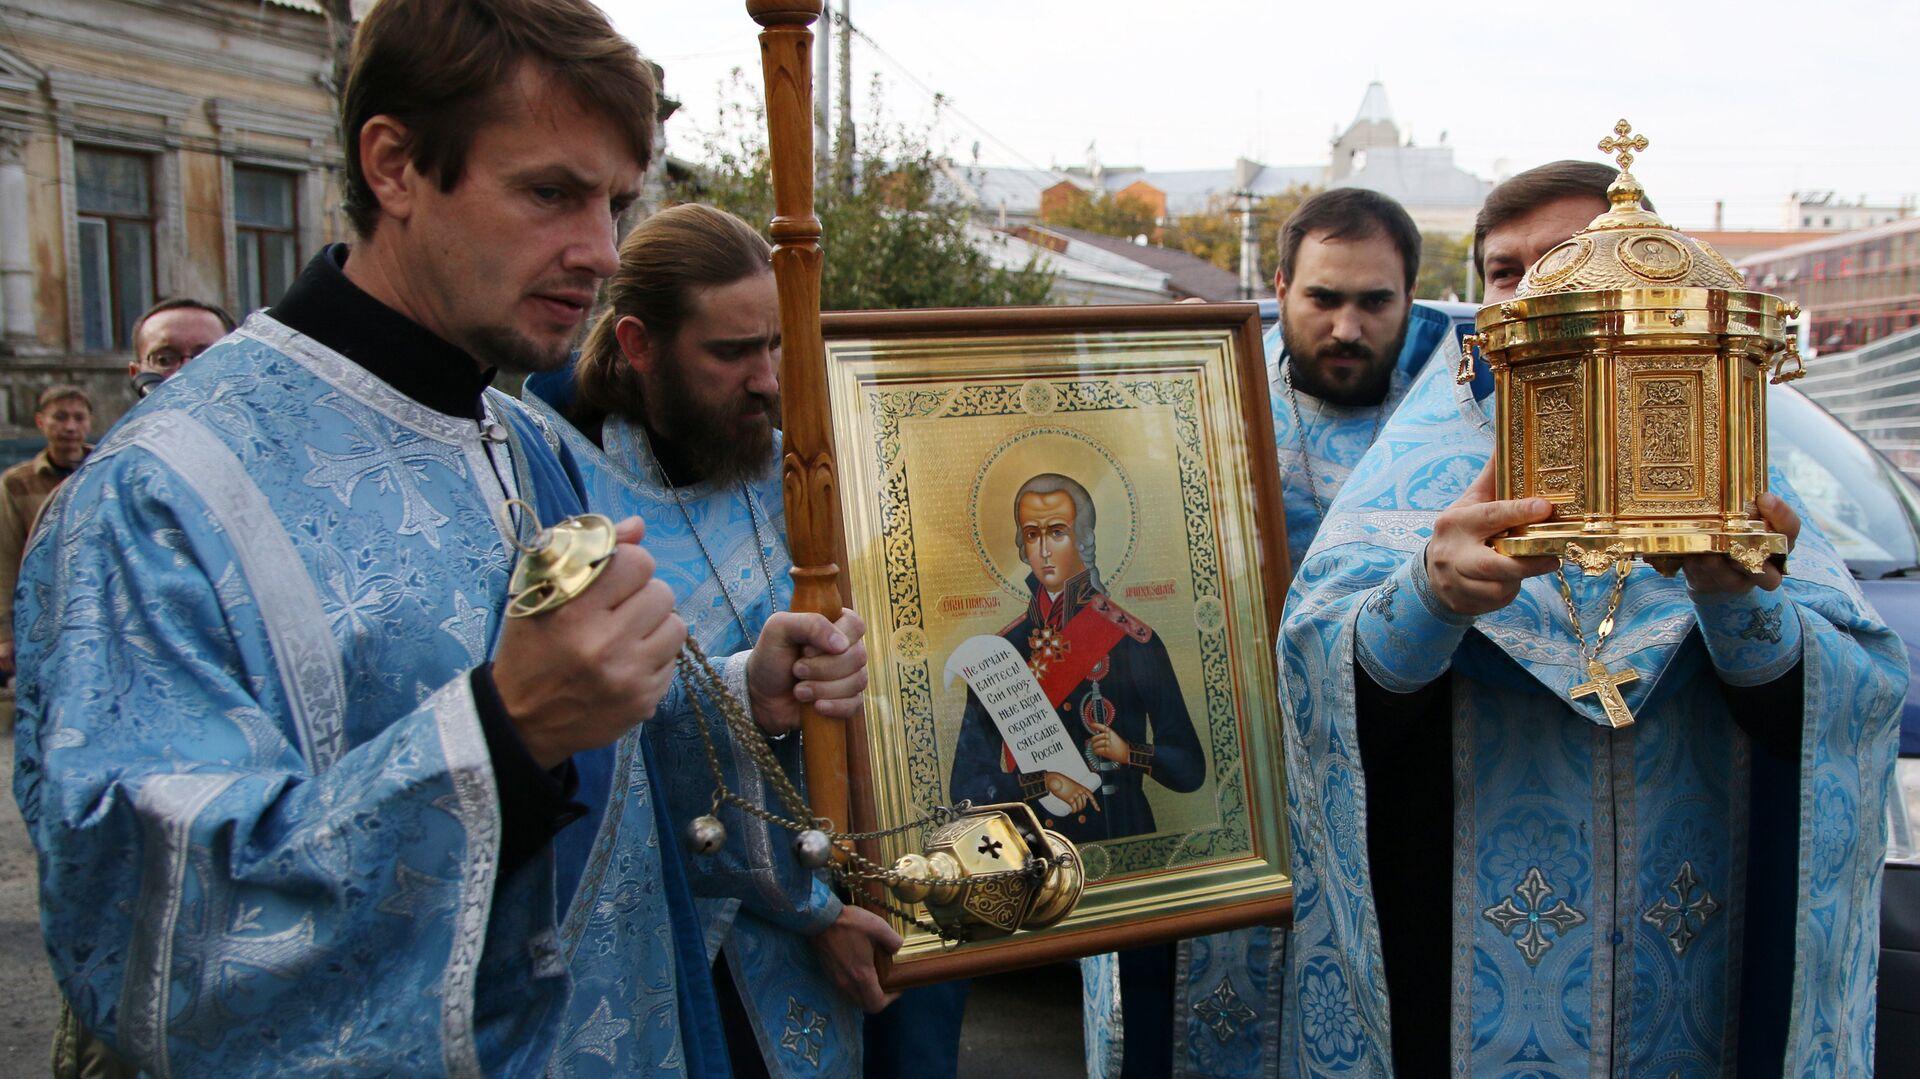 Мощи святого Федора Ушакова доставили в Крым - РИА Новости, 1920, 05.08.2021